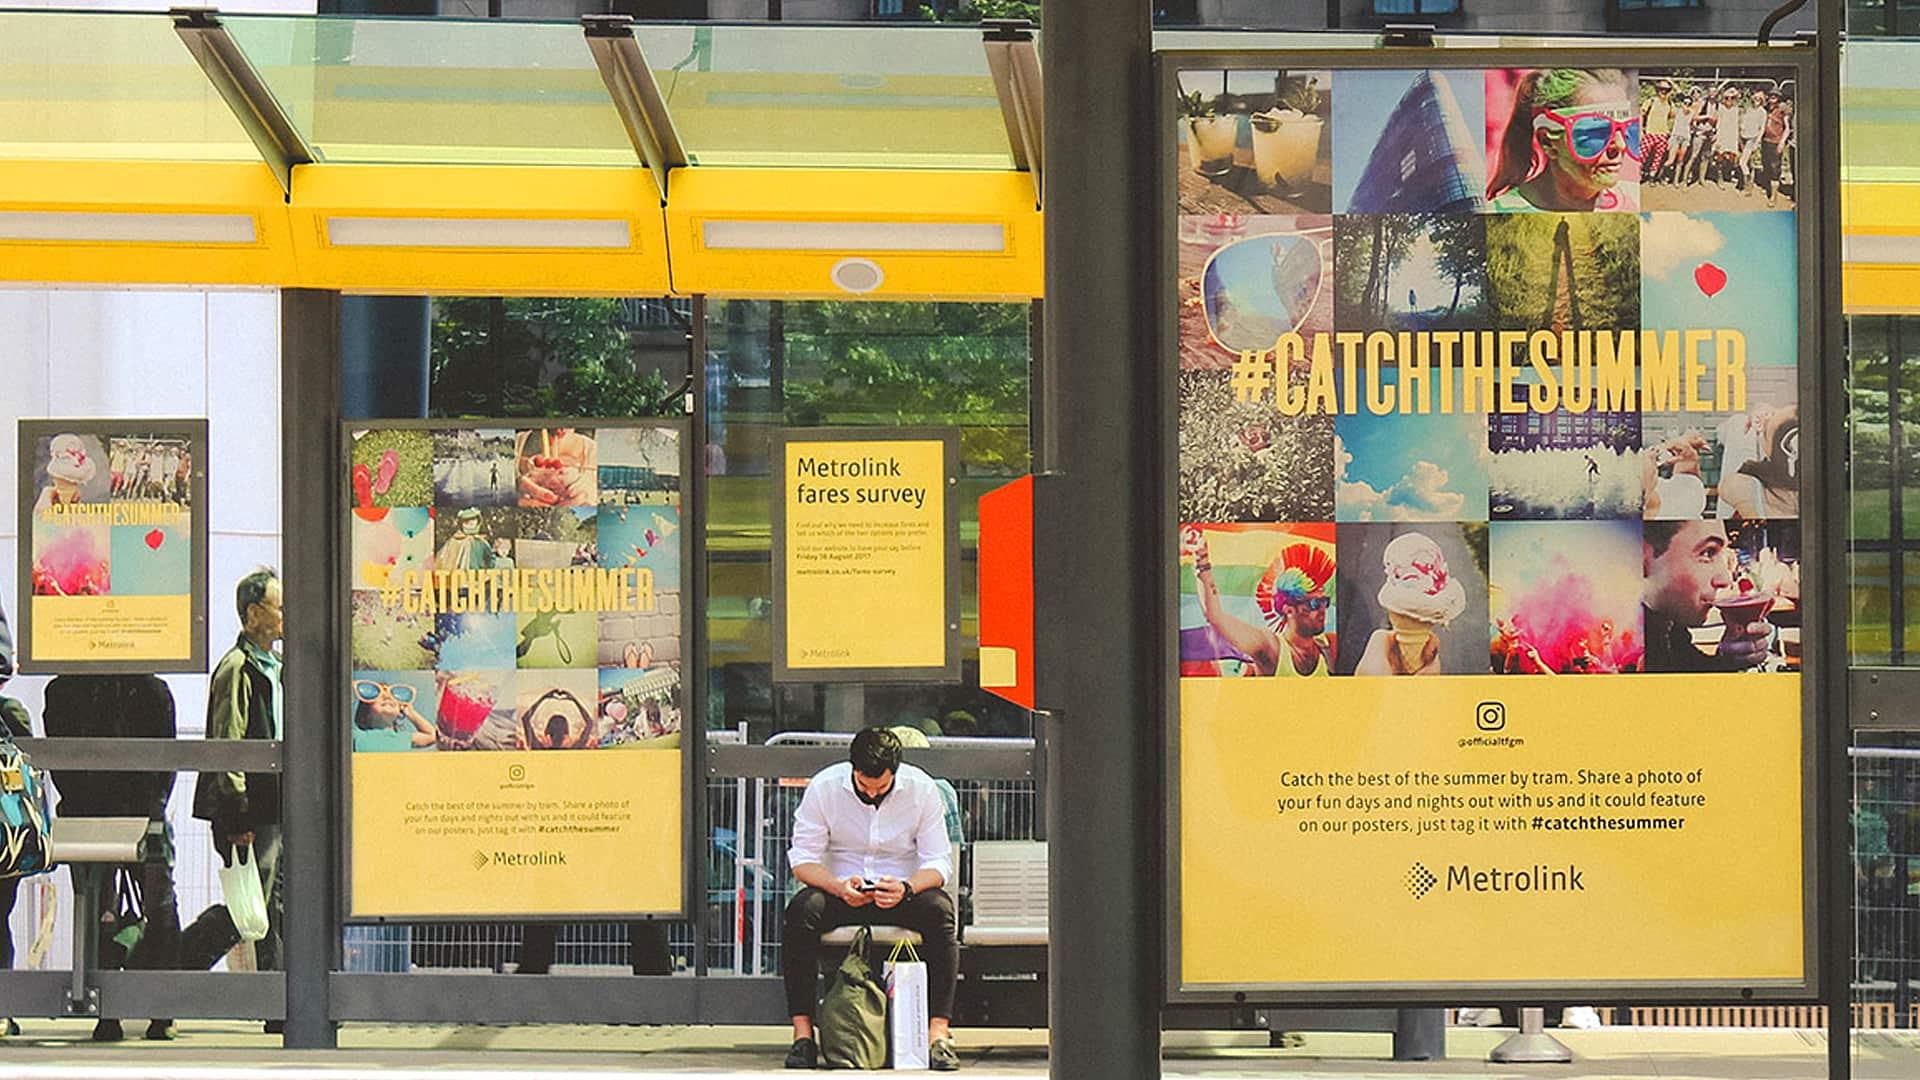 tramstop-transport-marketing-social-media-ad-campaign